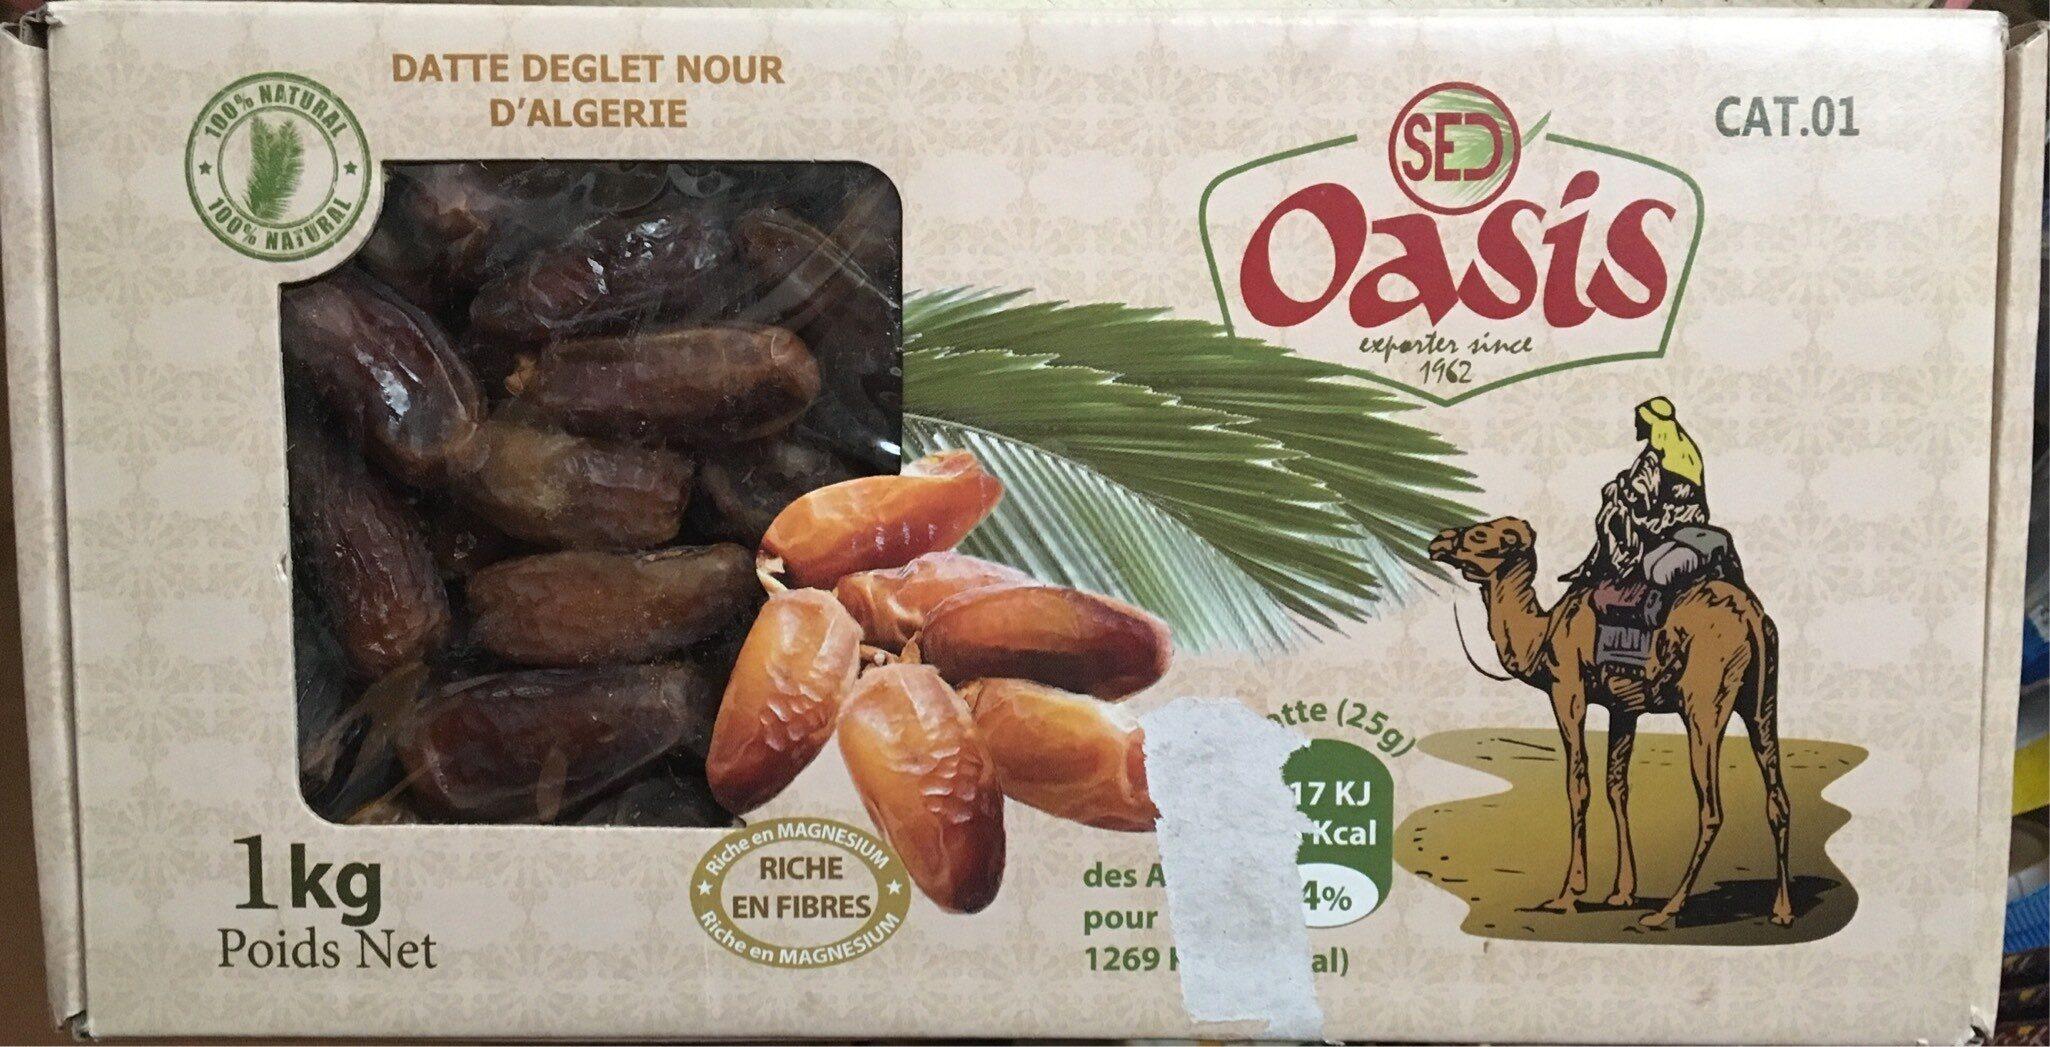 Dattes Deglet Nour d'Algérie - Product